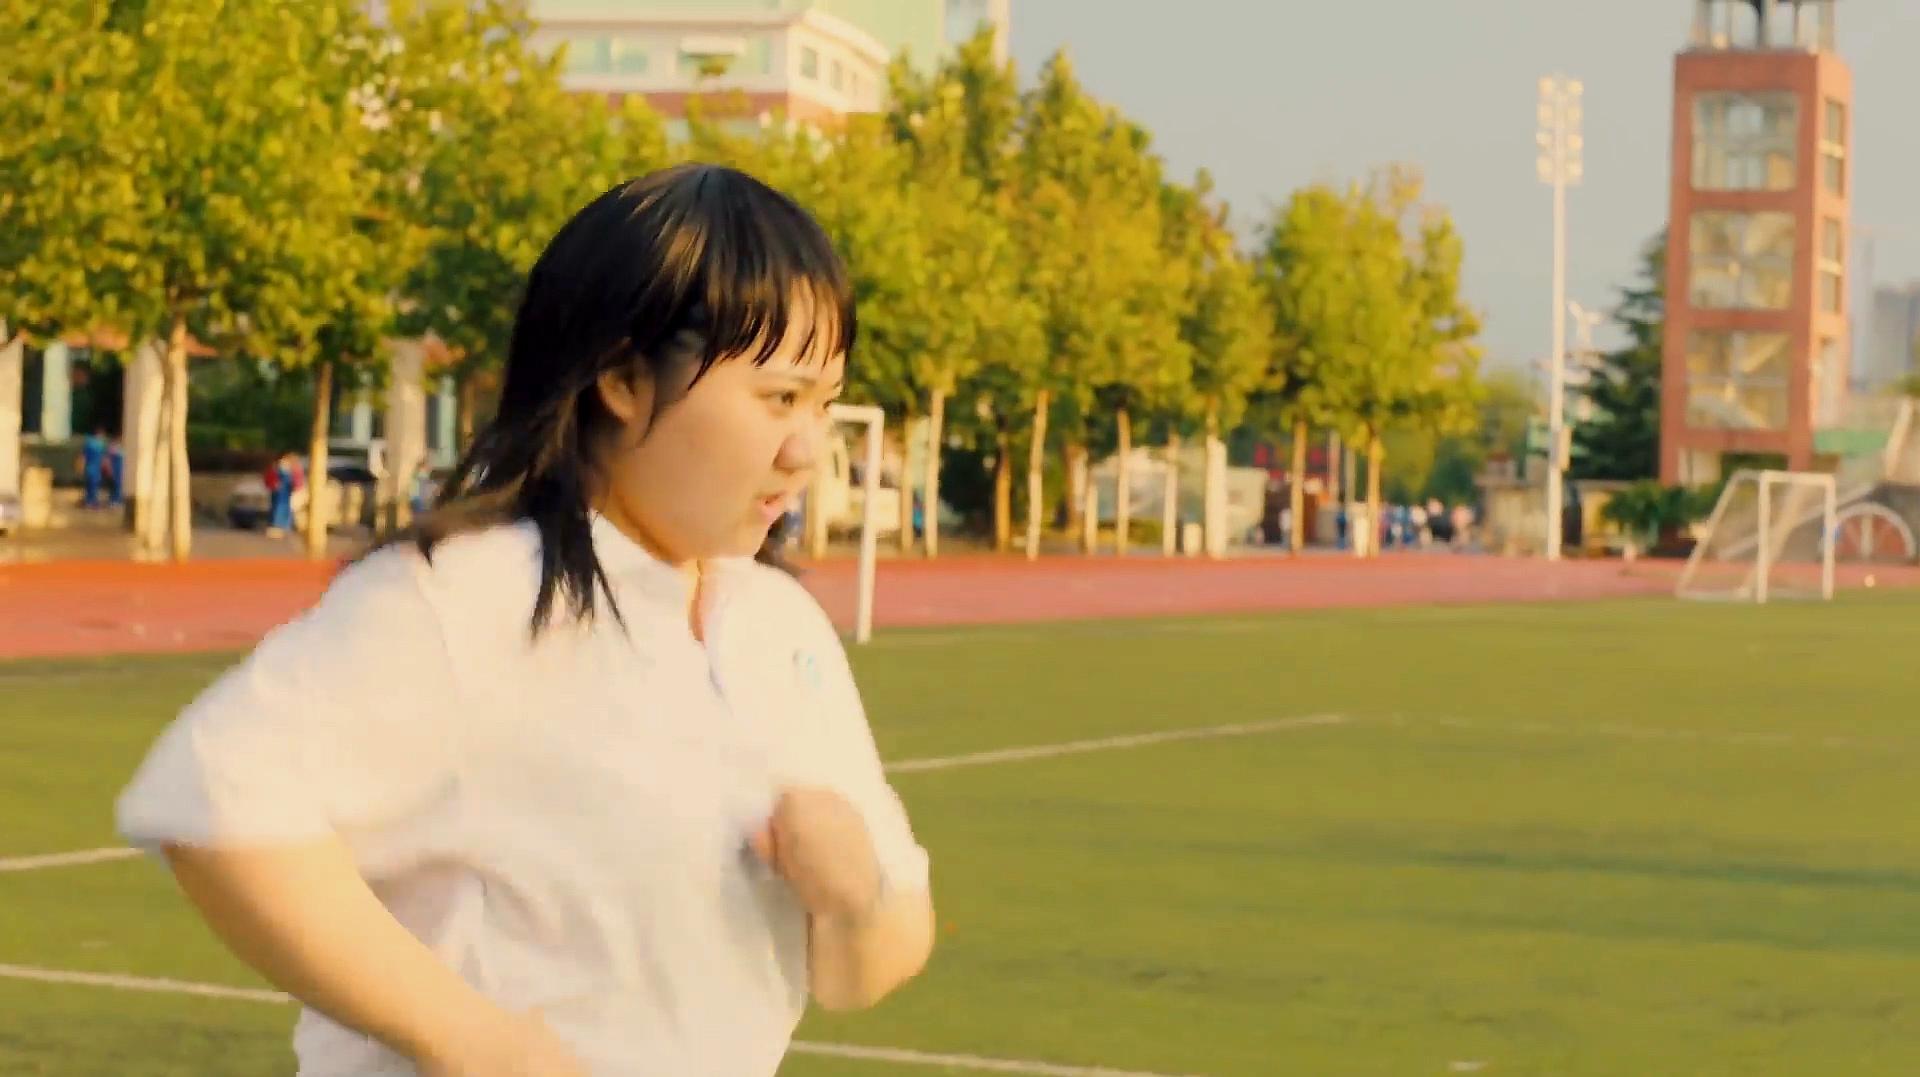 胖女孩整天受到同学嘲笑,为了追求校草,减肥后的她像换了个人!